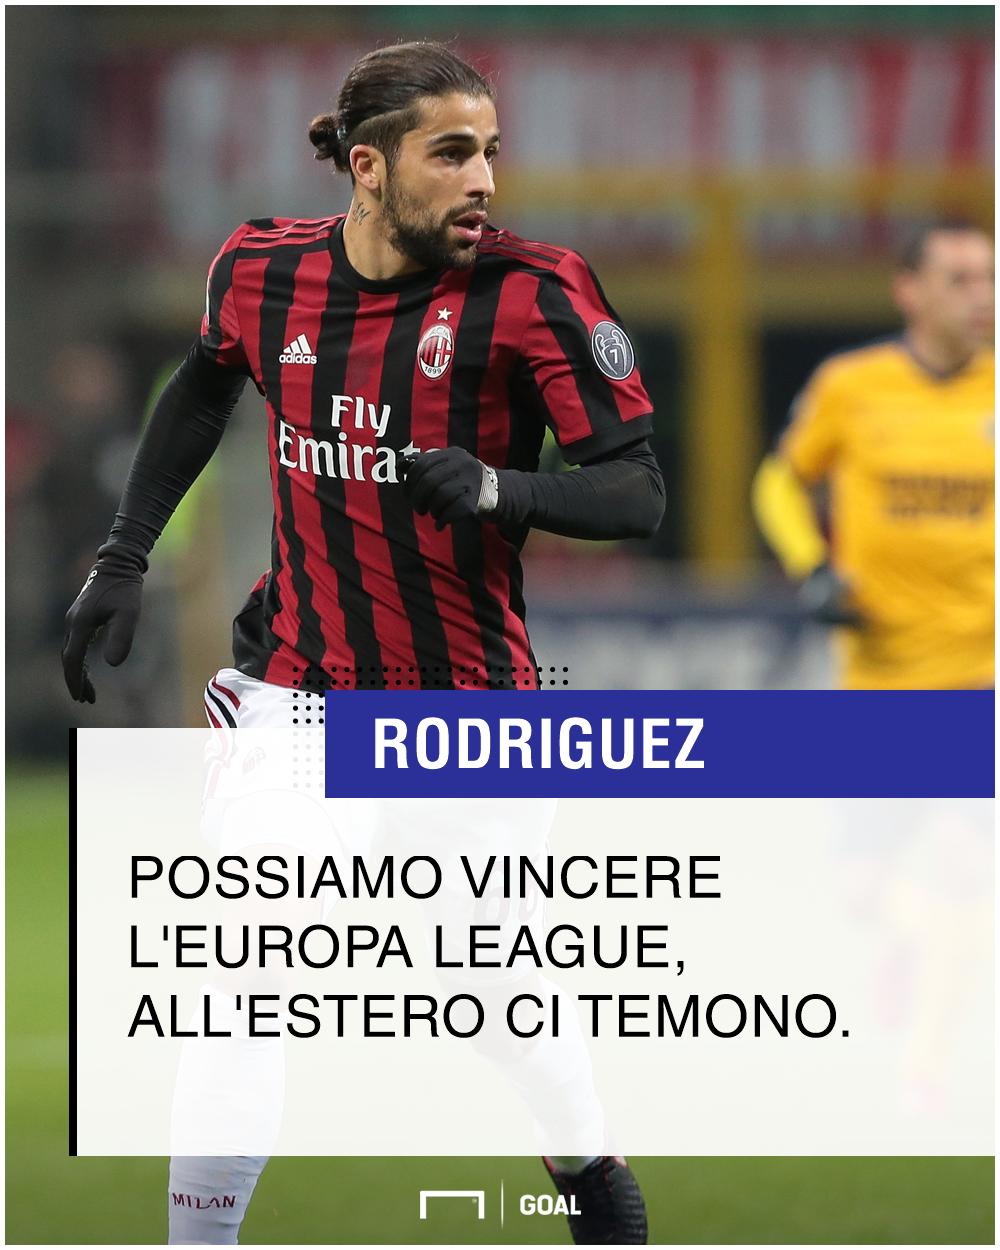 PS Rodriguez